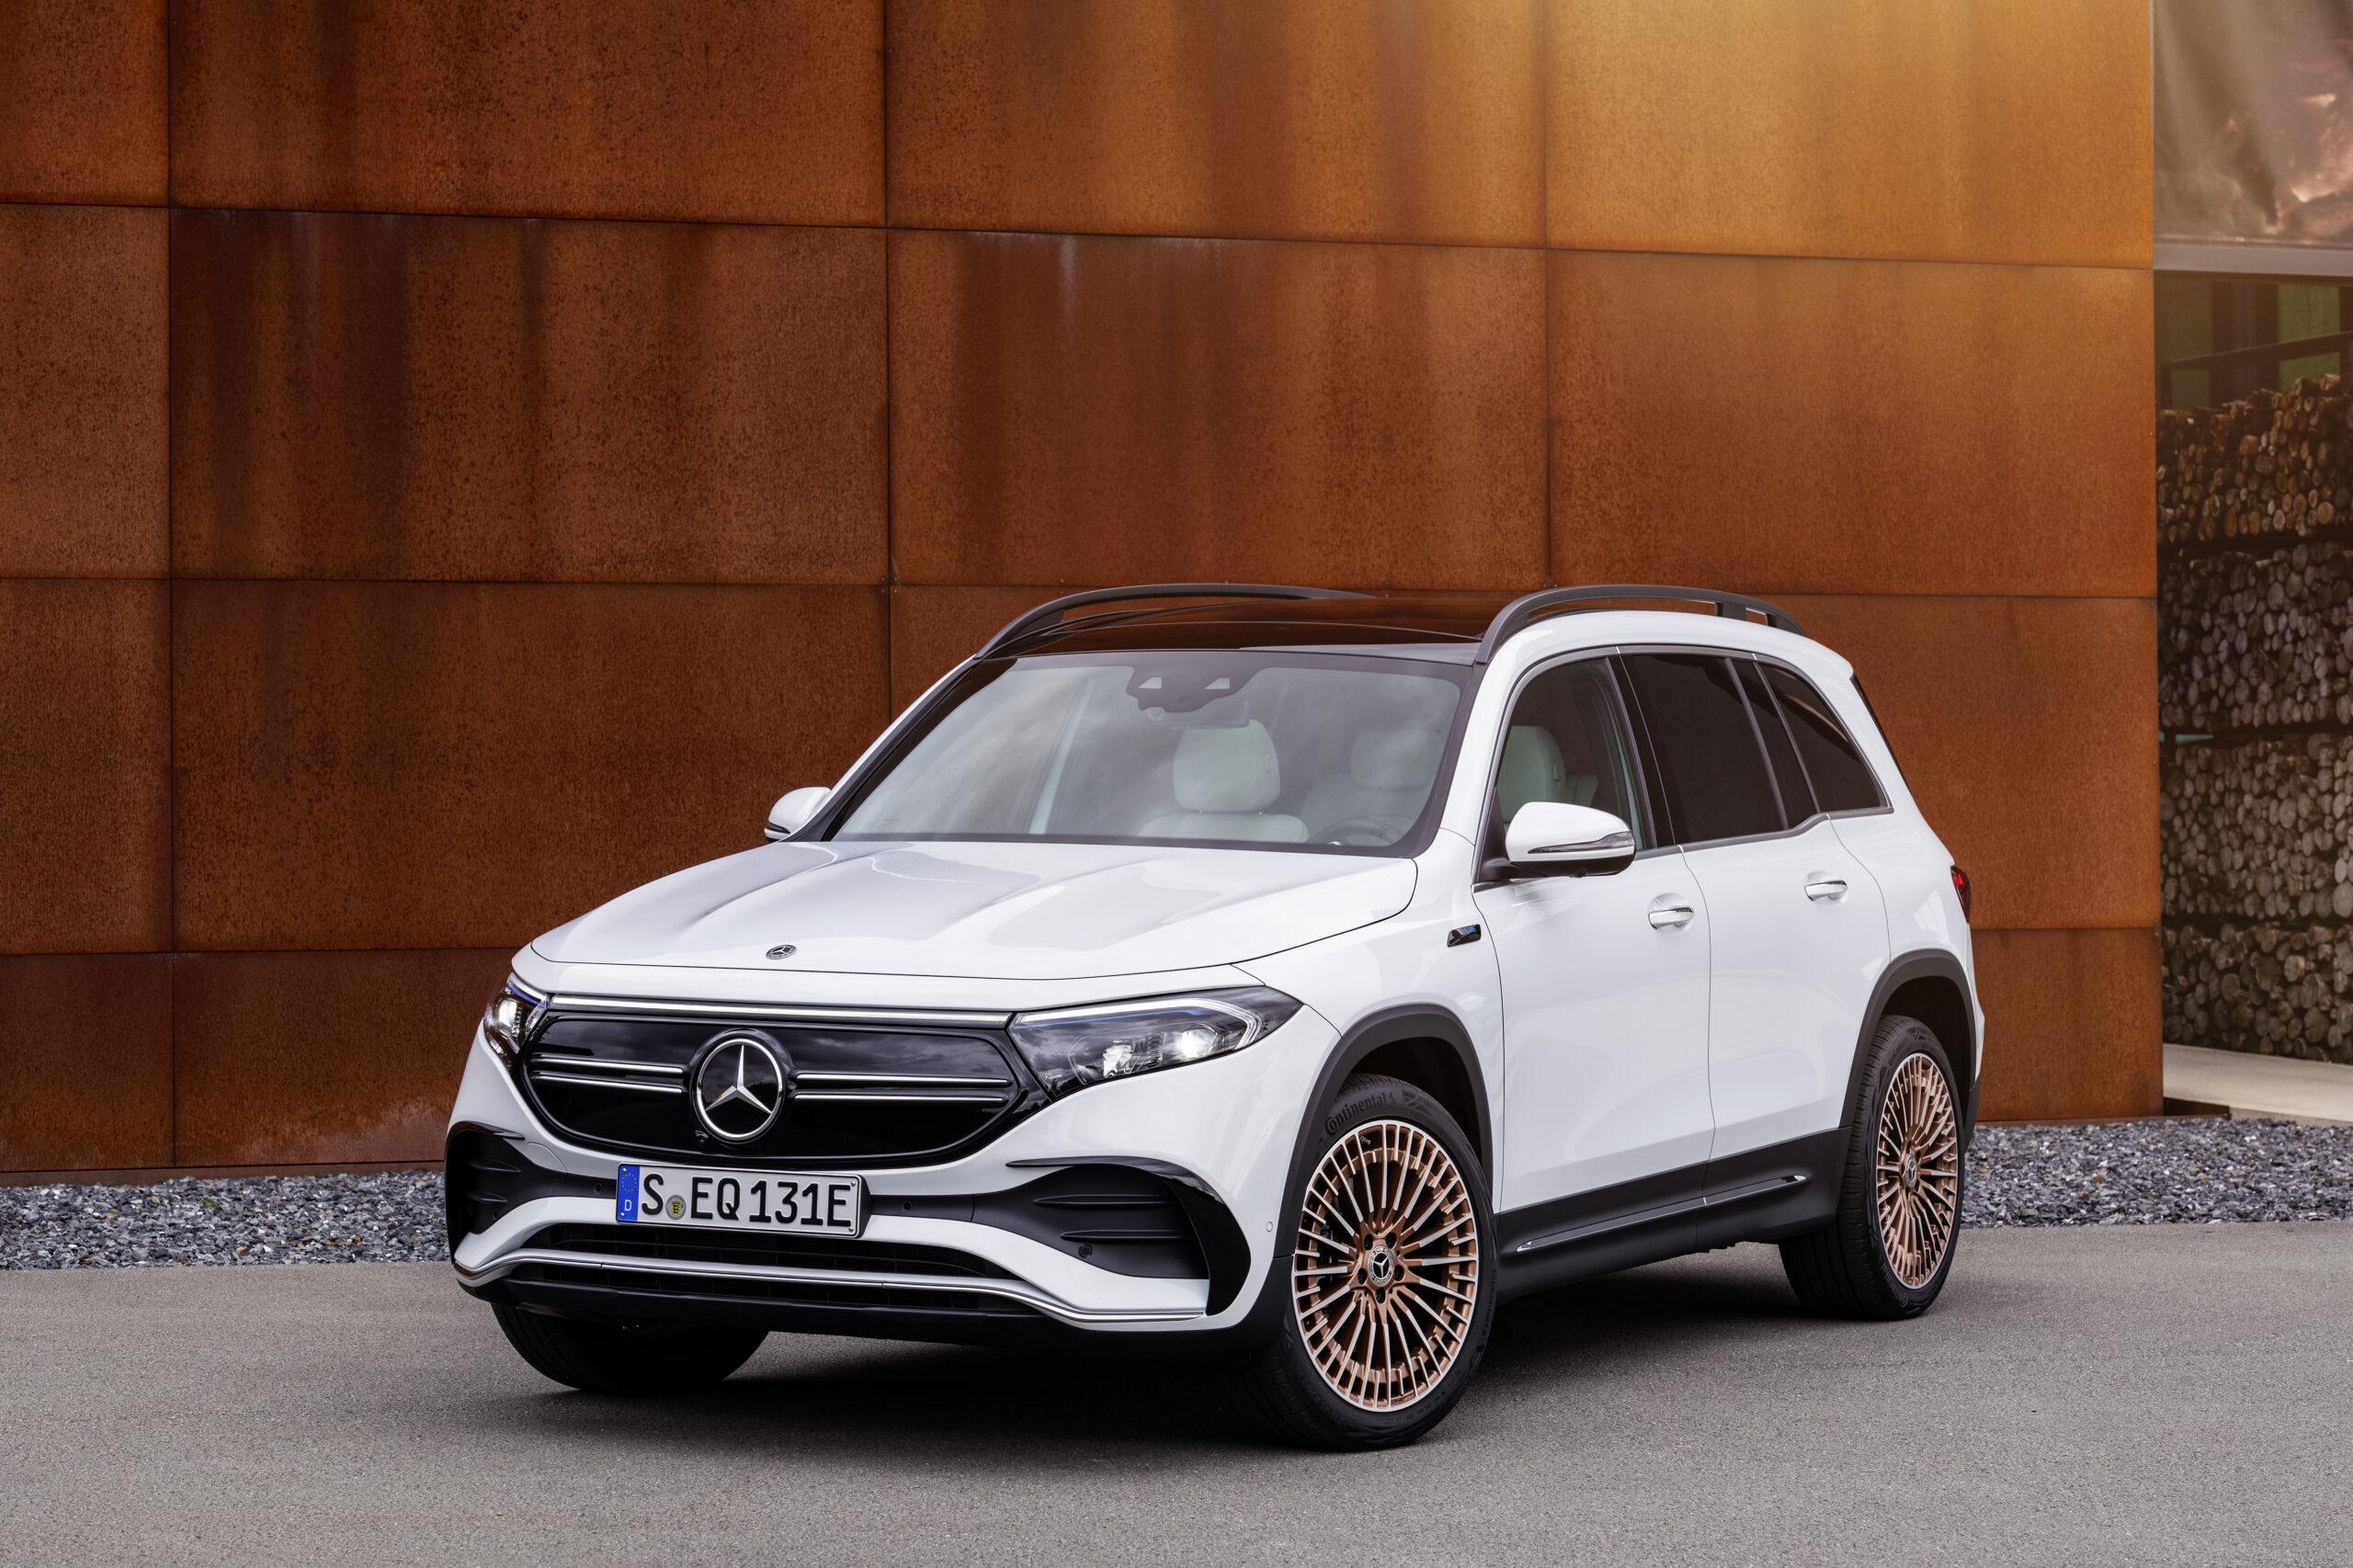 Erster-Blick-auf-das-EQB-Modell-von-Mercedes-EQ